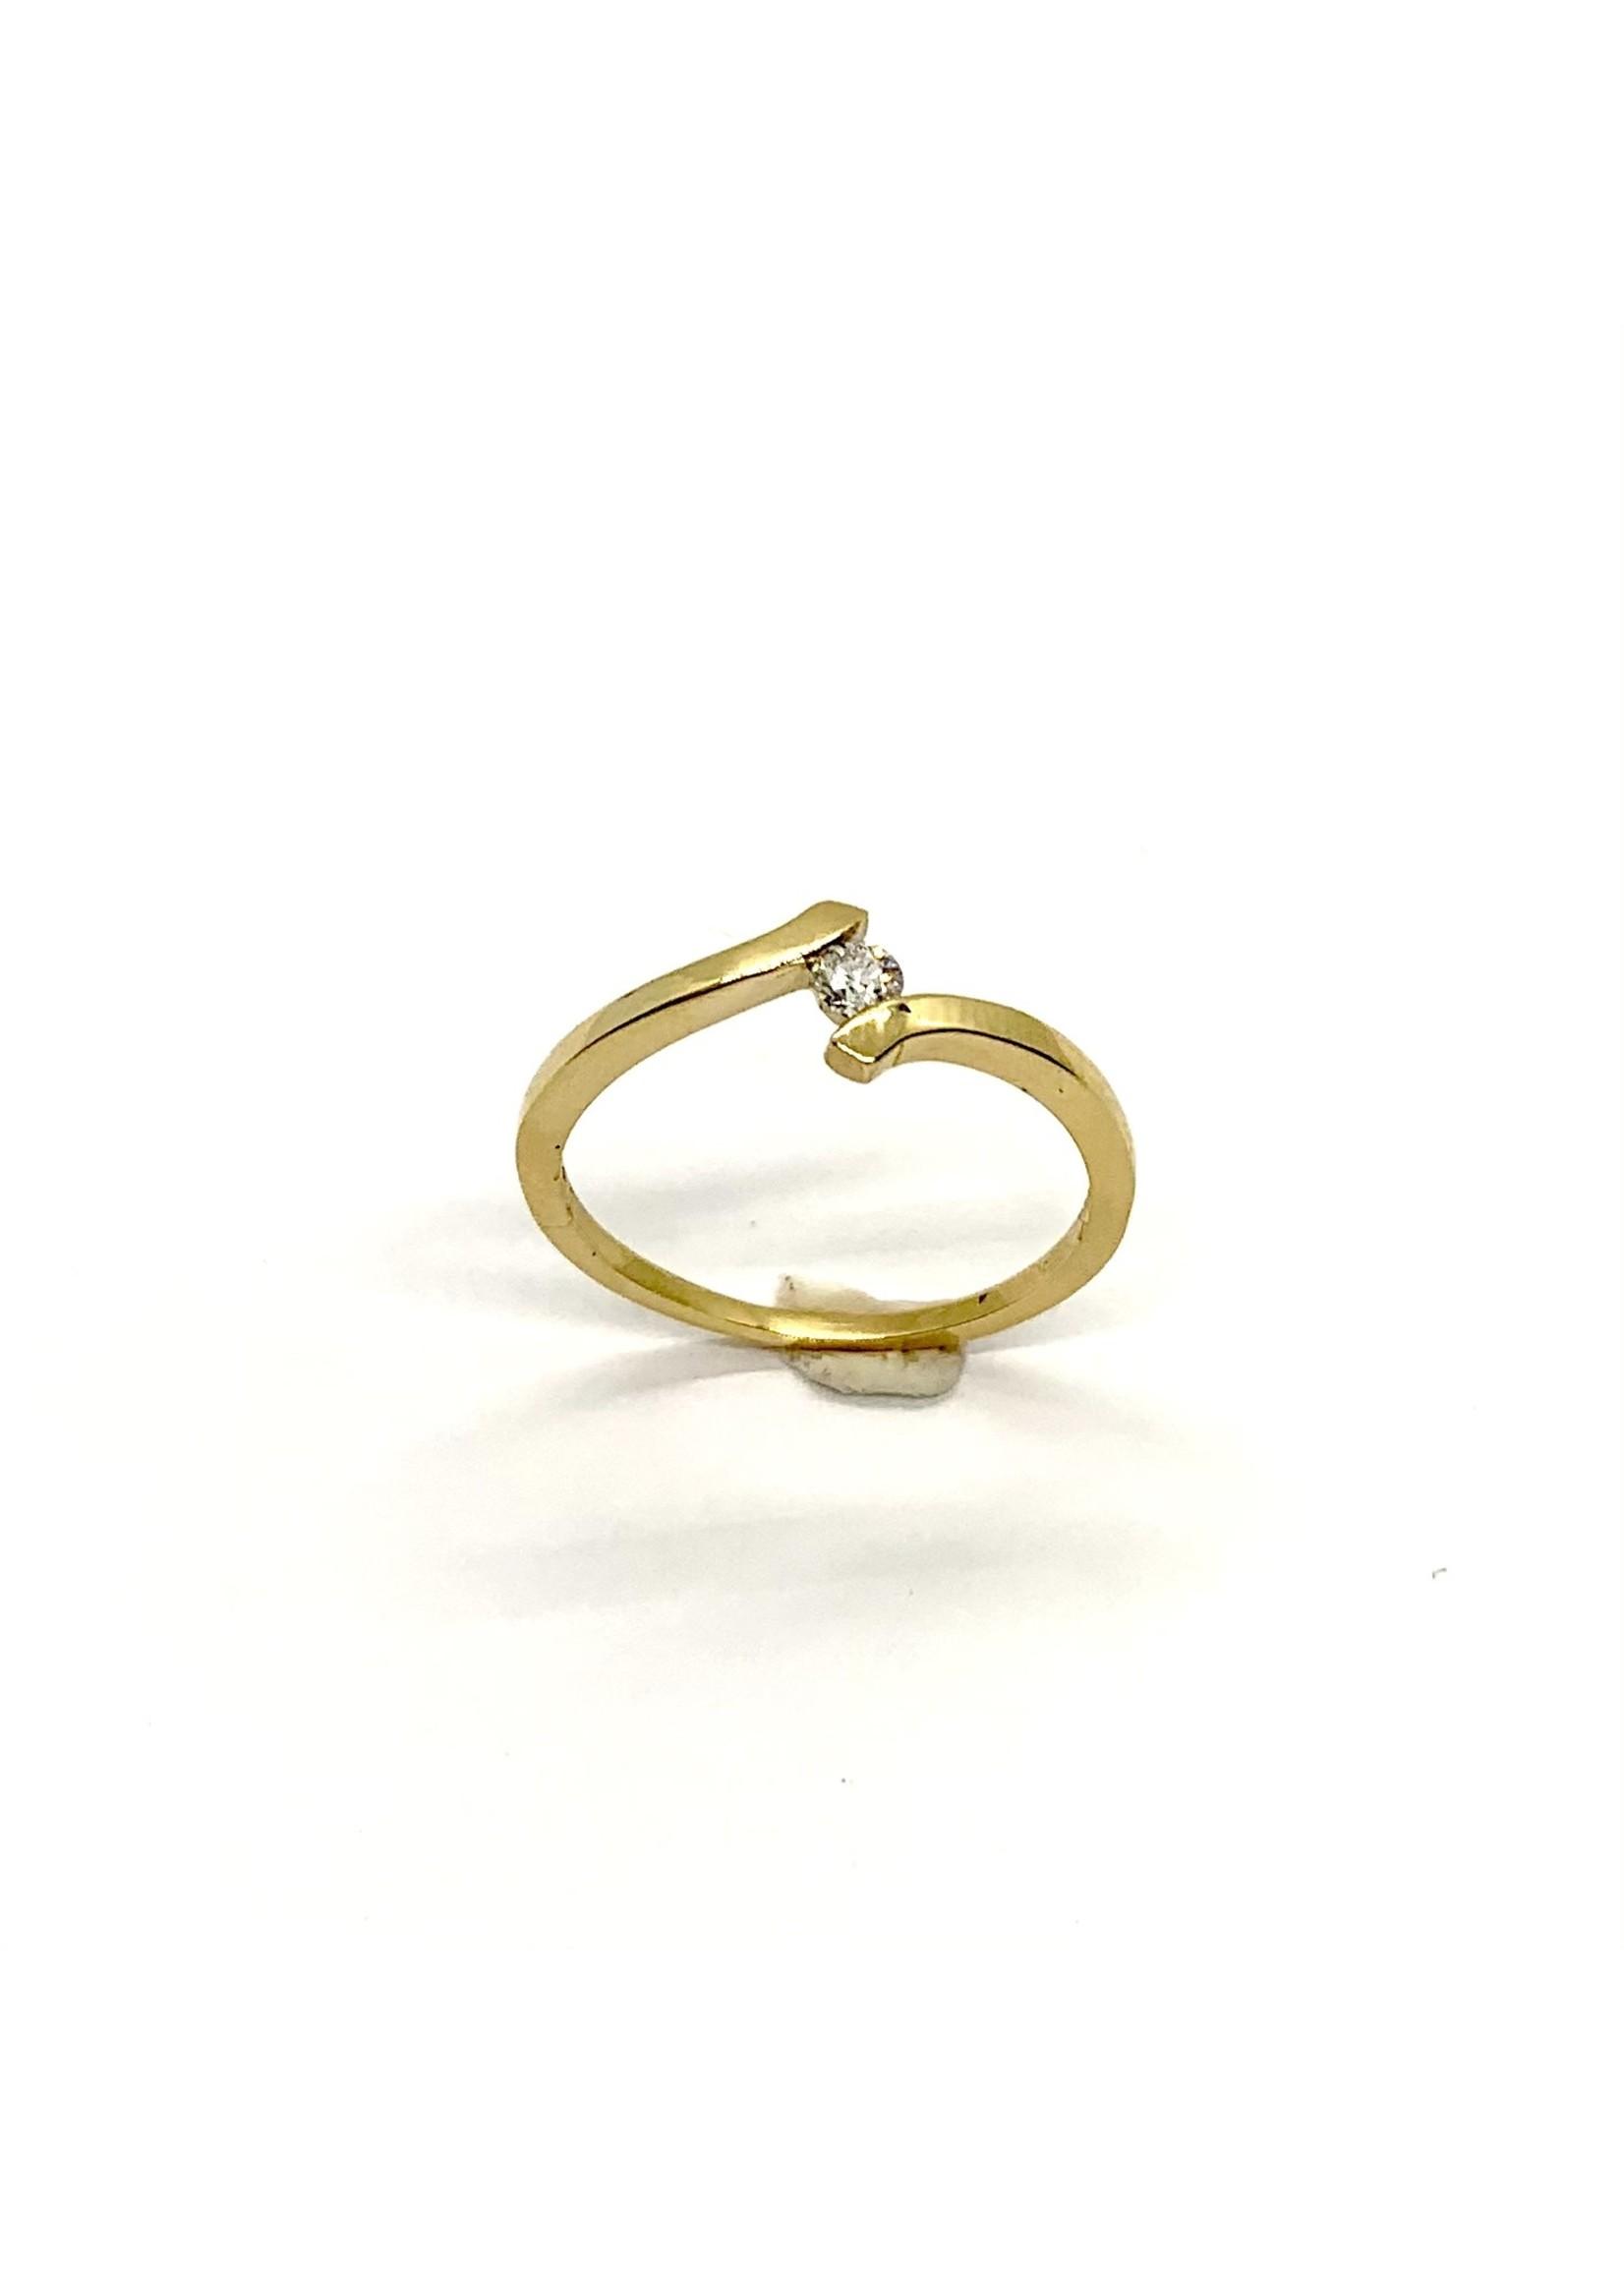 PARÉ Bague Solitaire Croisée Or jaune 14K avec Diamants